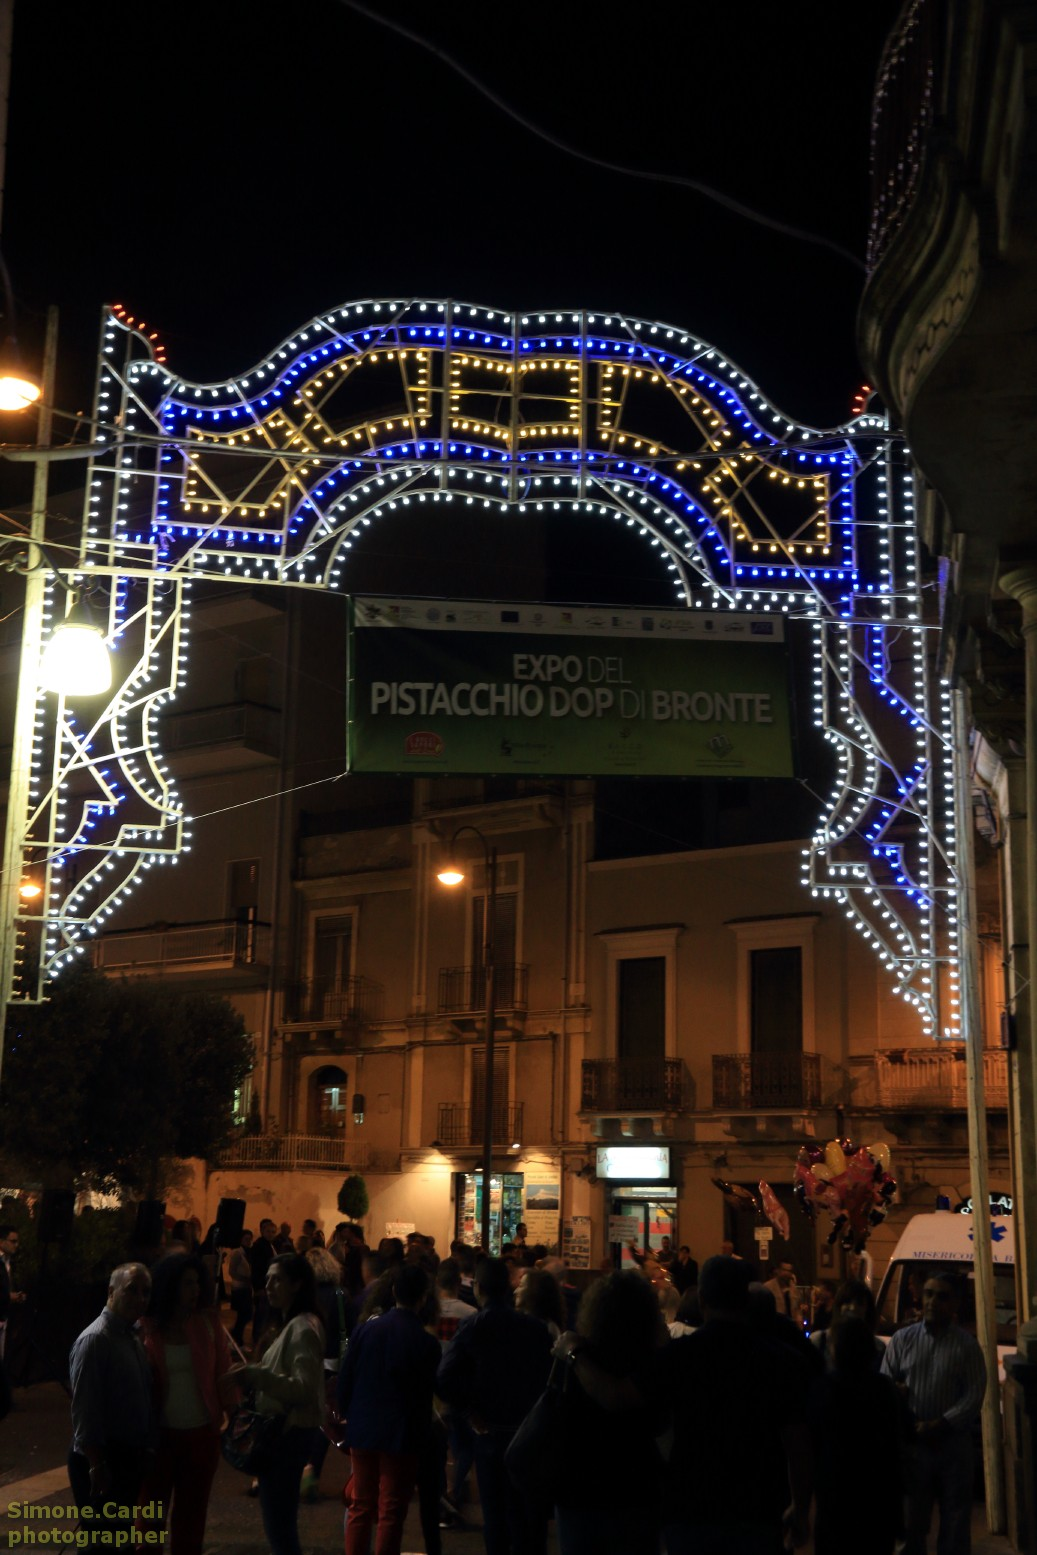 Expo Pistacchio DOP Bronte